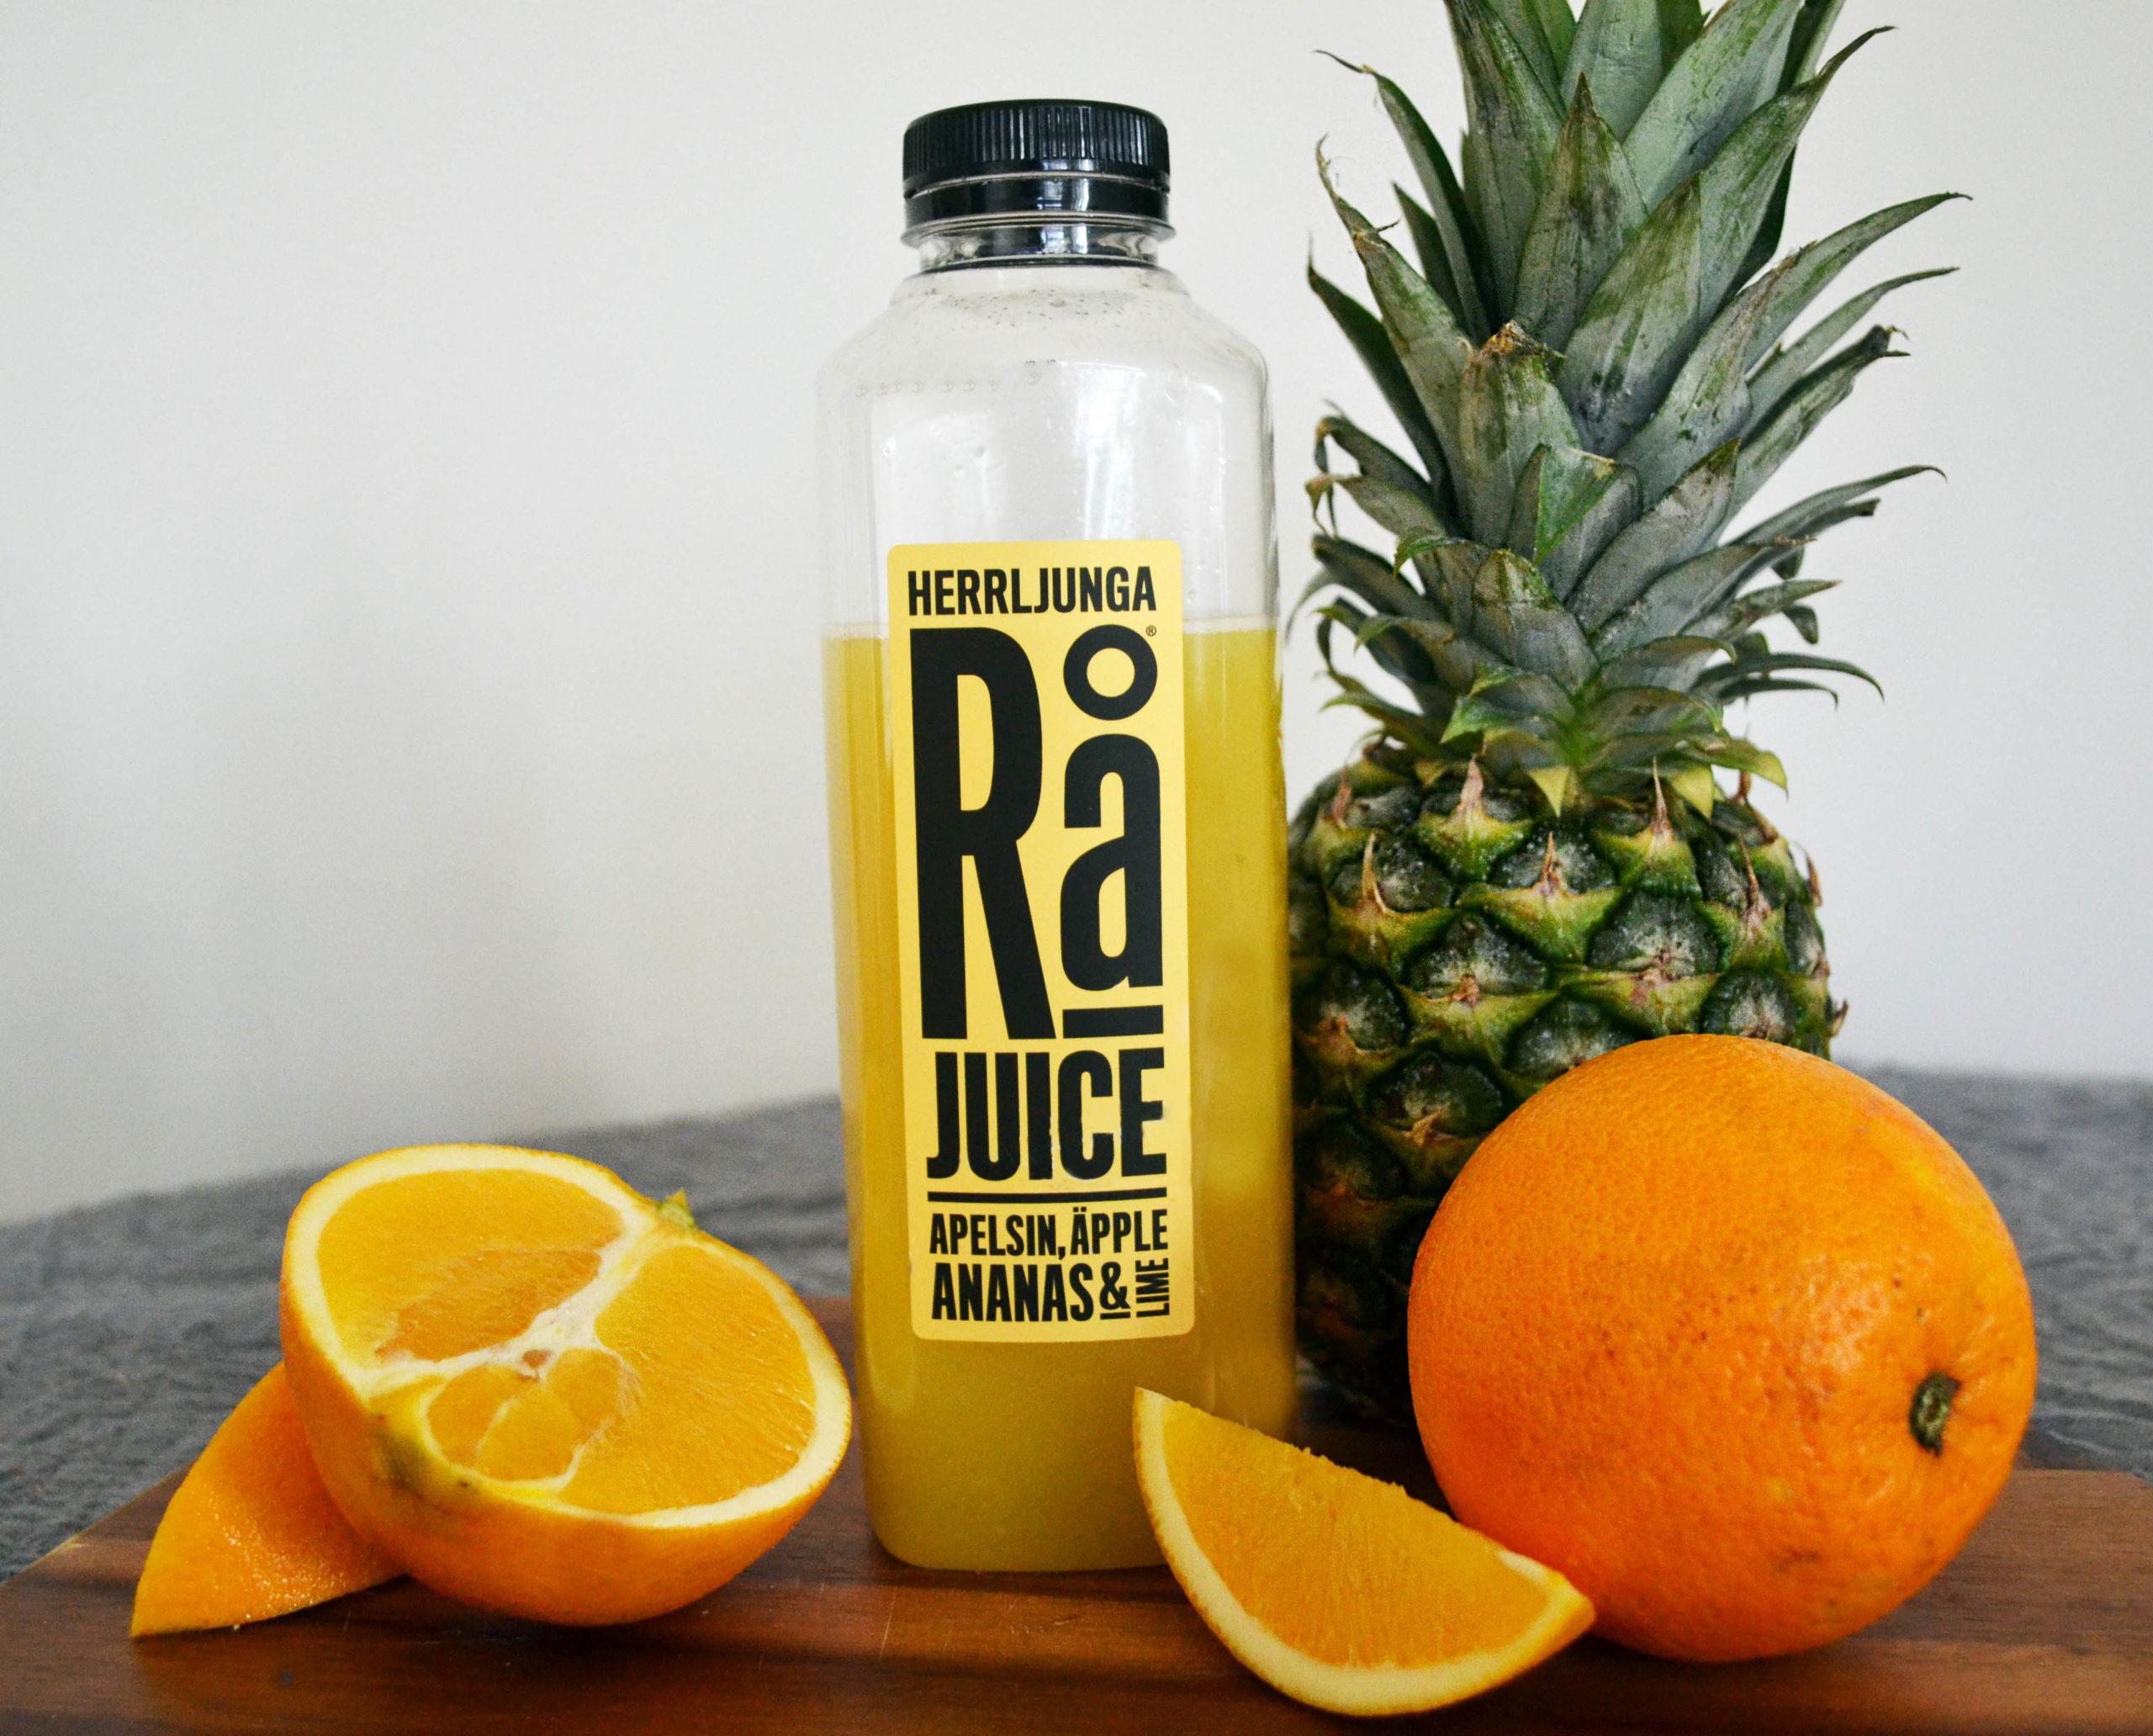 Herrljunga Rå Ananas